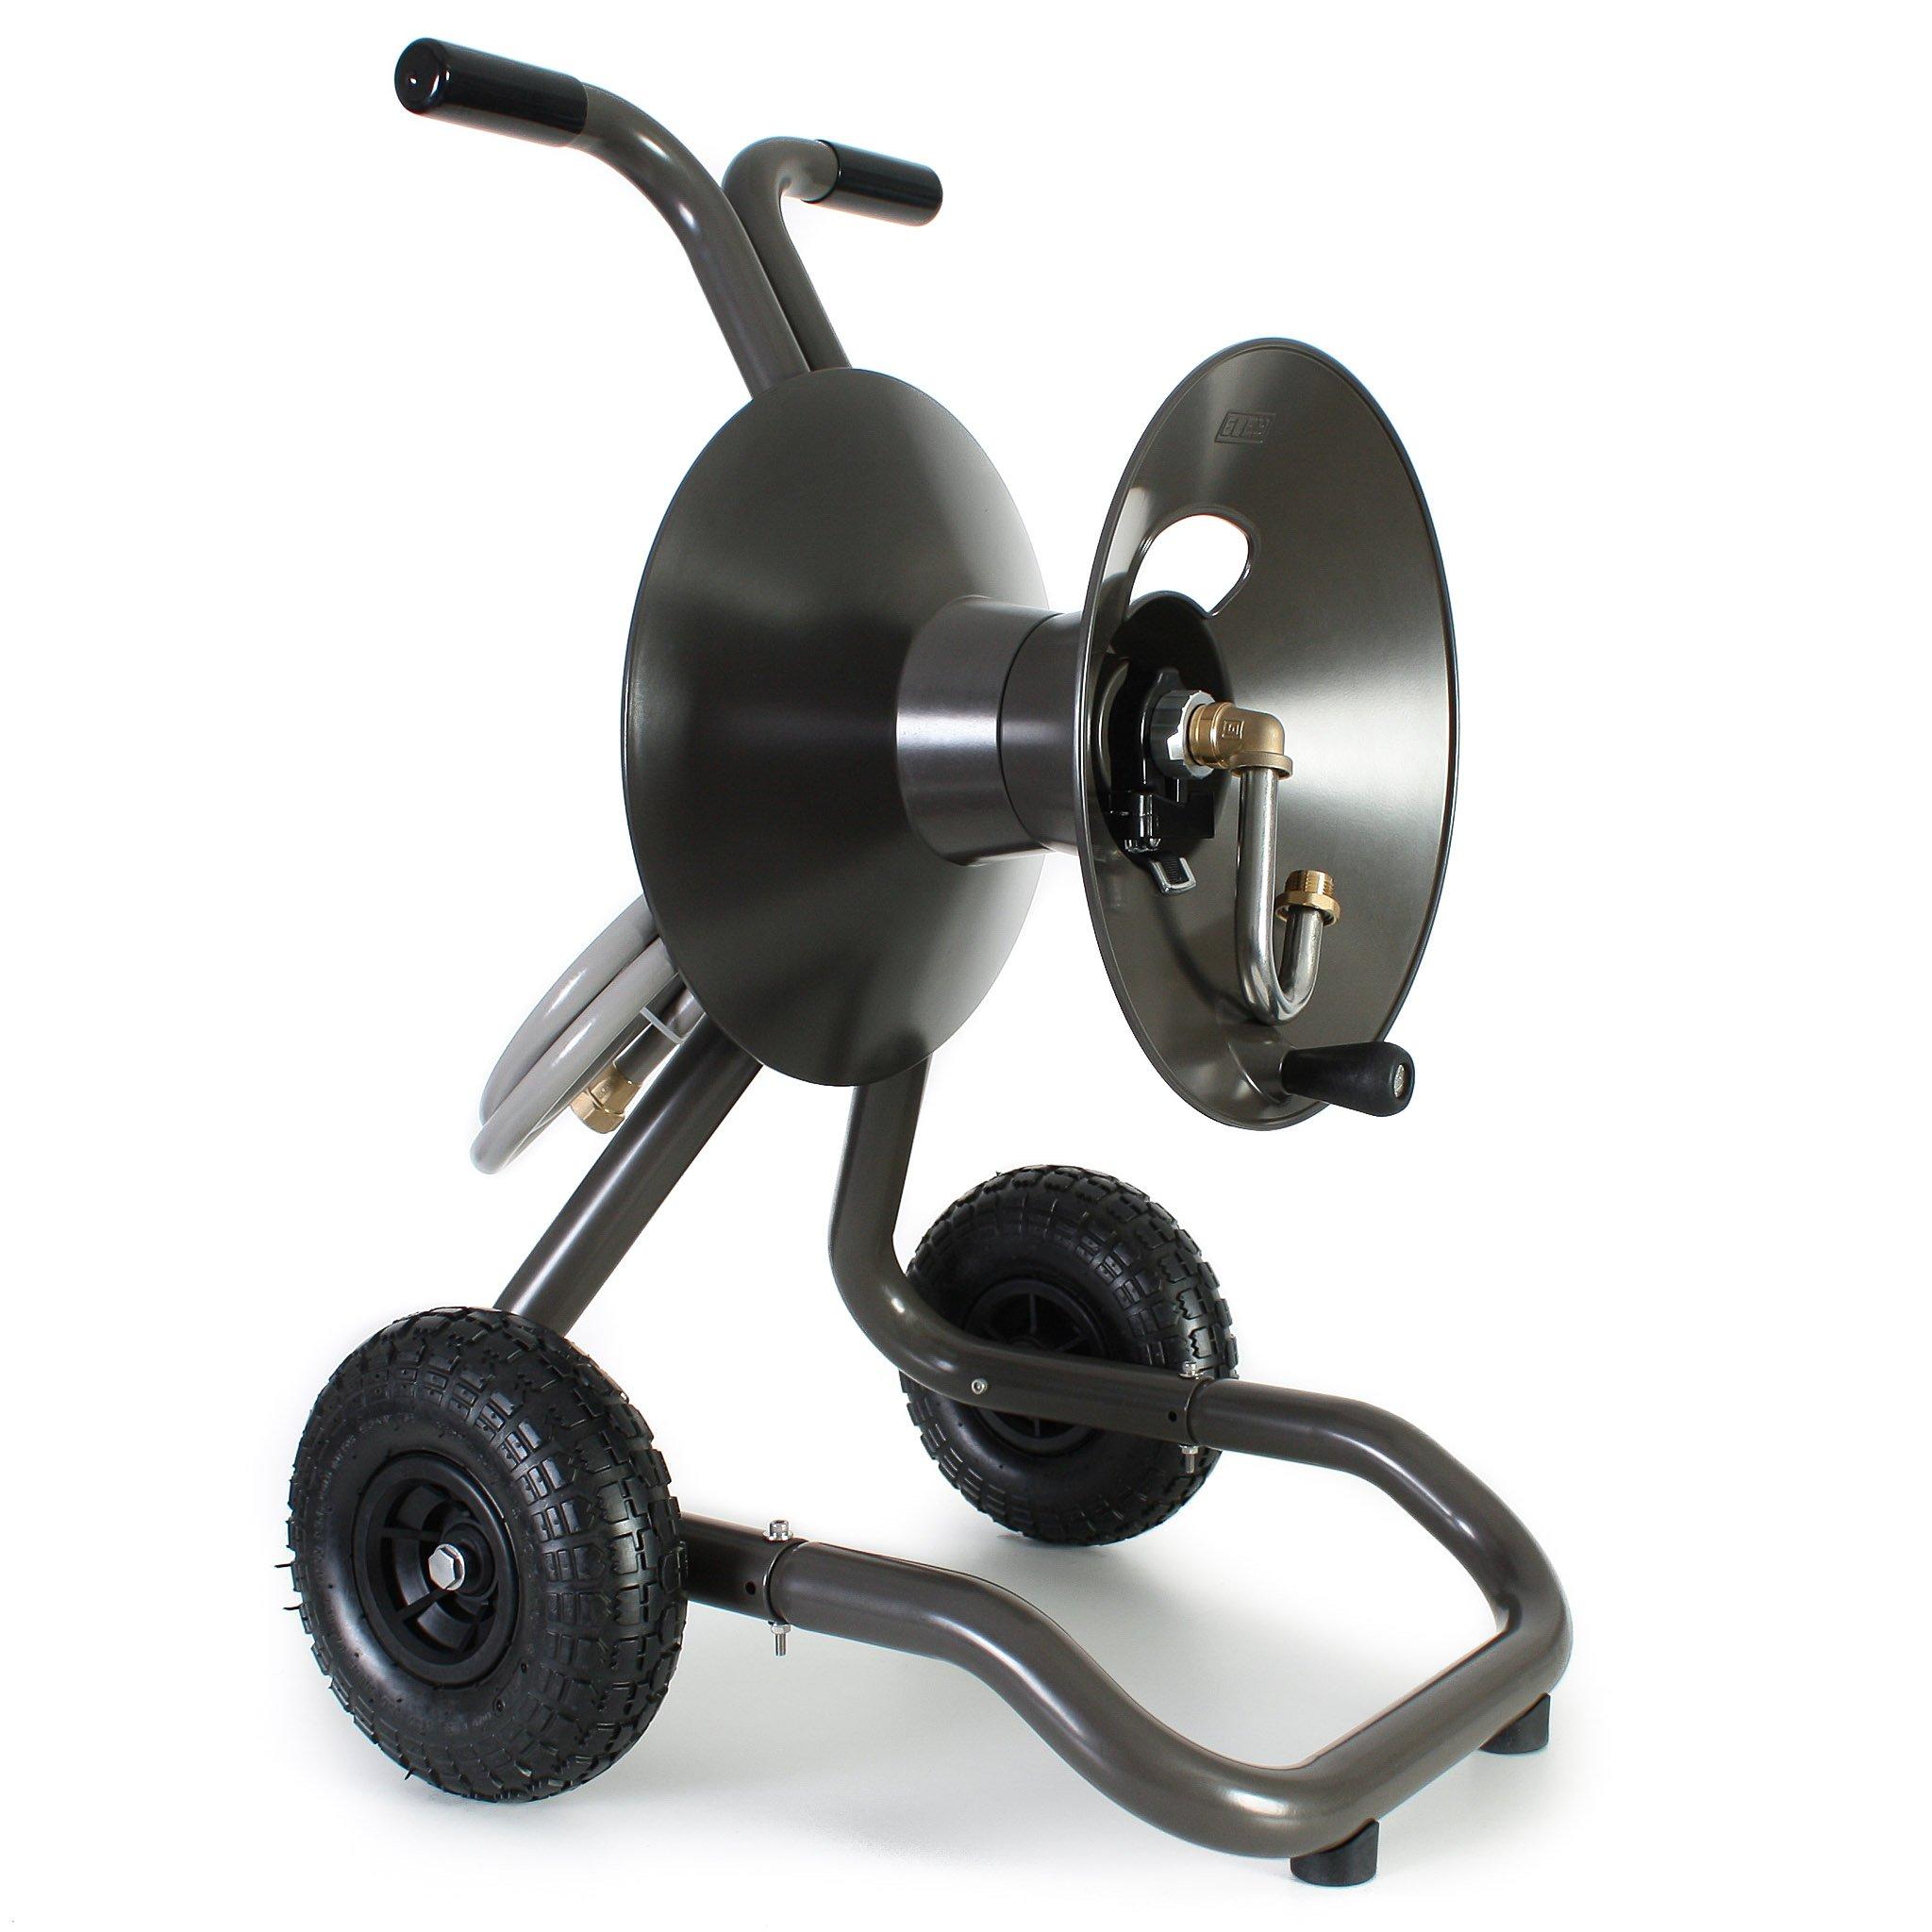 Eley / Rapid Reel Two Wheel Garden Hose Reel